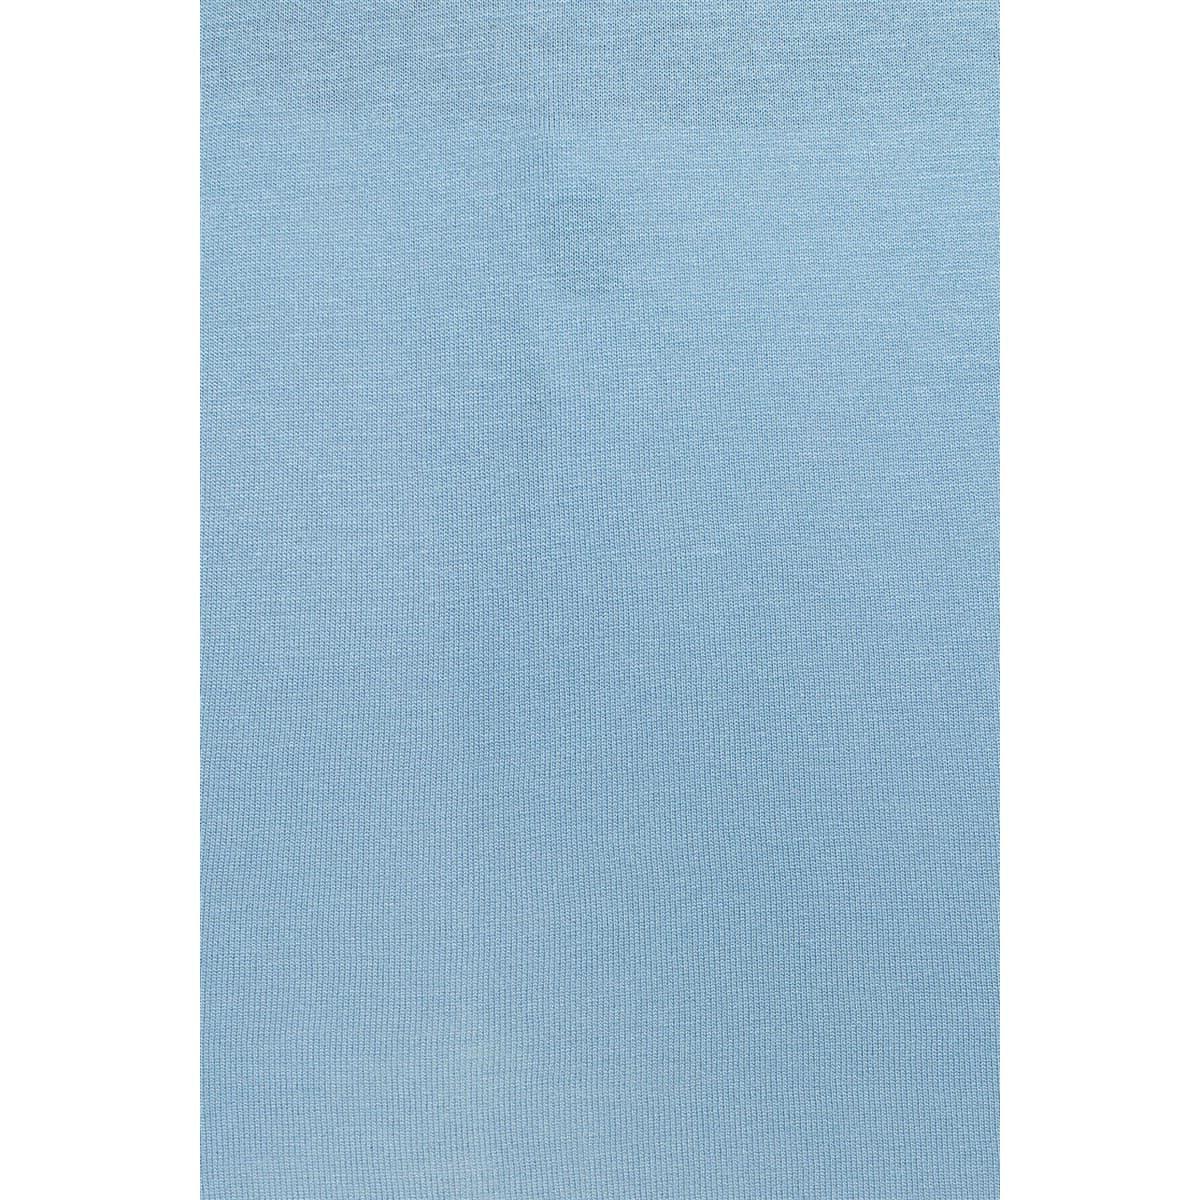 Kisa Kol Penye Vintage Mavi